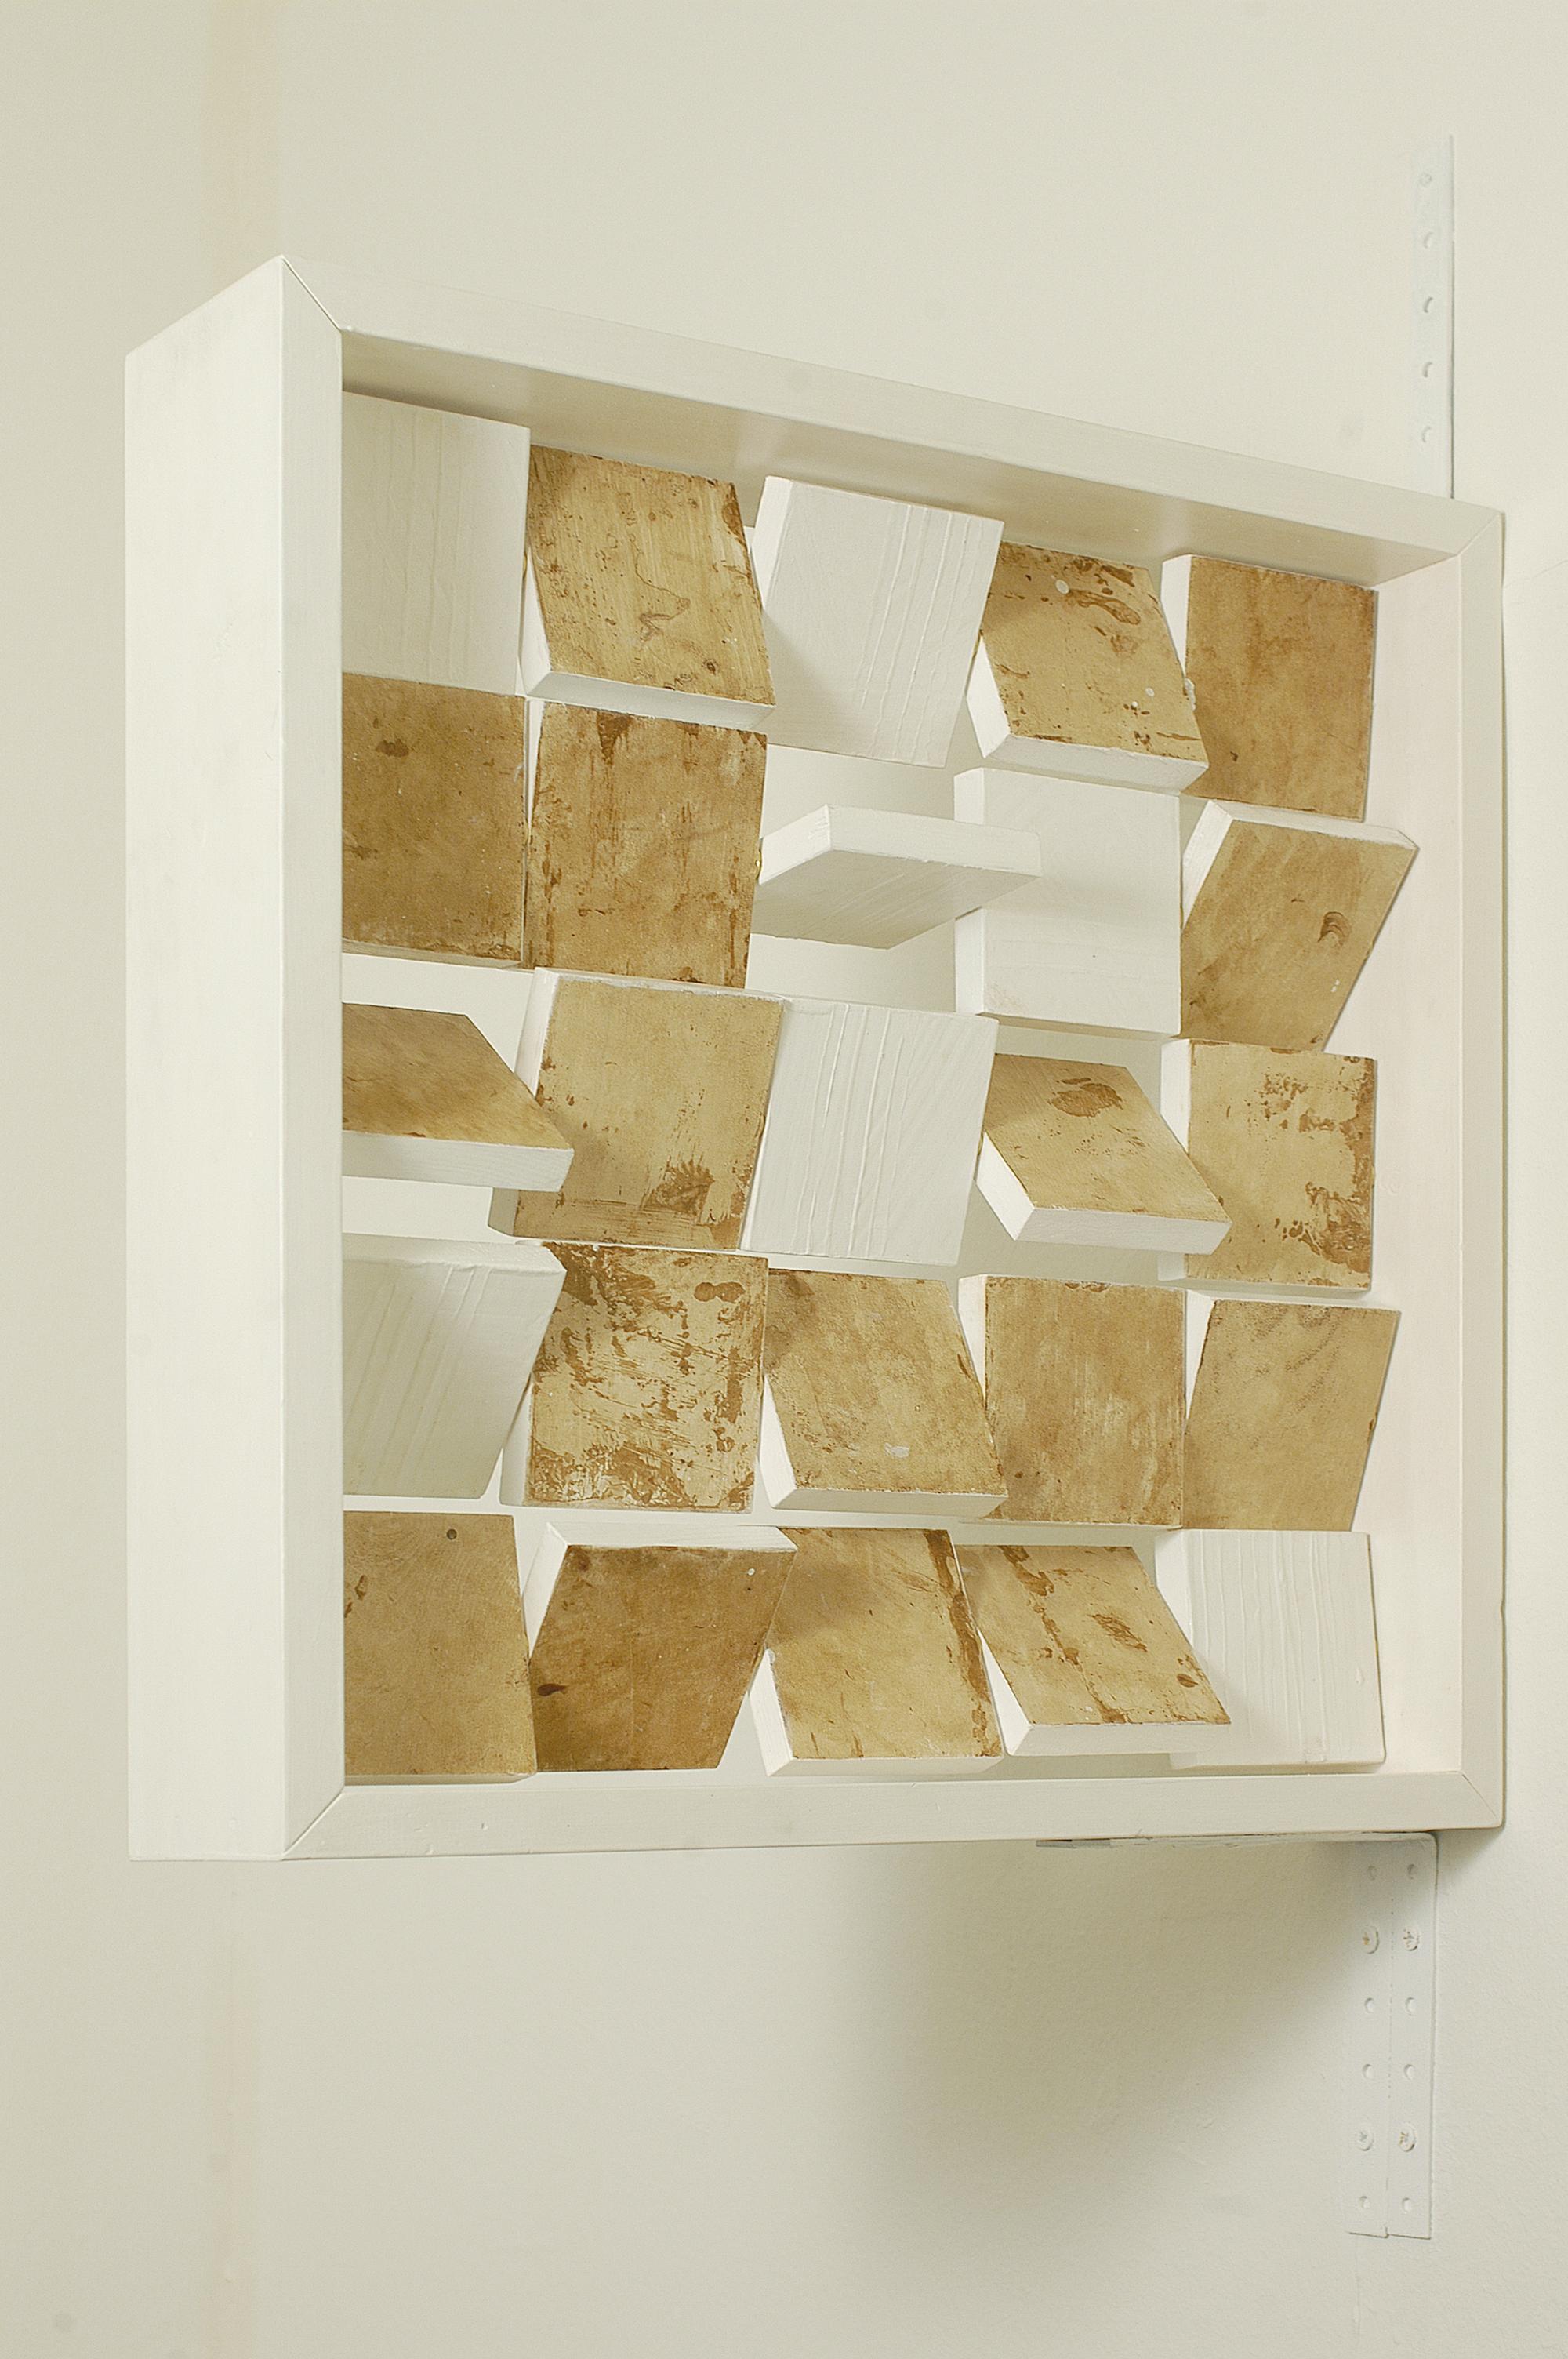 Camilla Franzoni - categoria over 25, Multiquattro #0, 2012, olio su tasselli in legno mobili, inseriti in barre metalliche a sezione circolare, all'interno di una struttura lignea autoportante, cm. 50 x 50